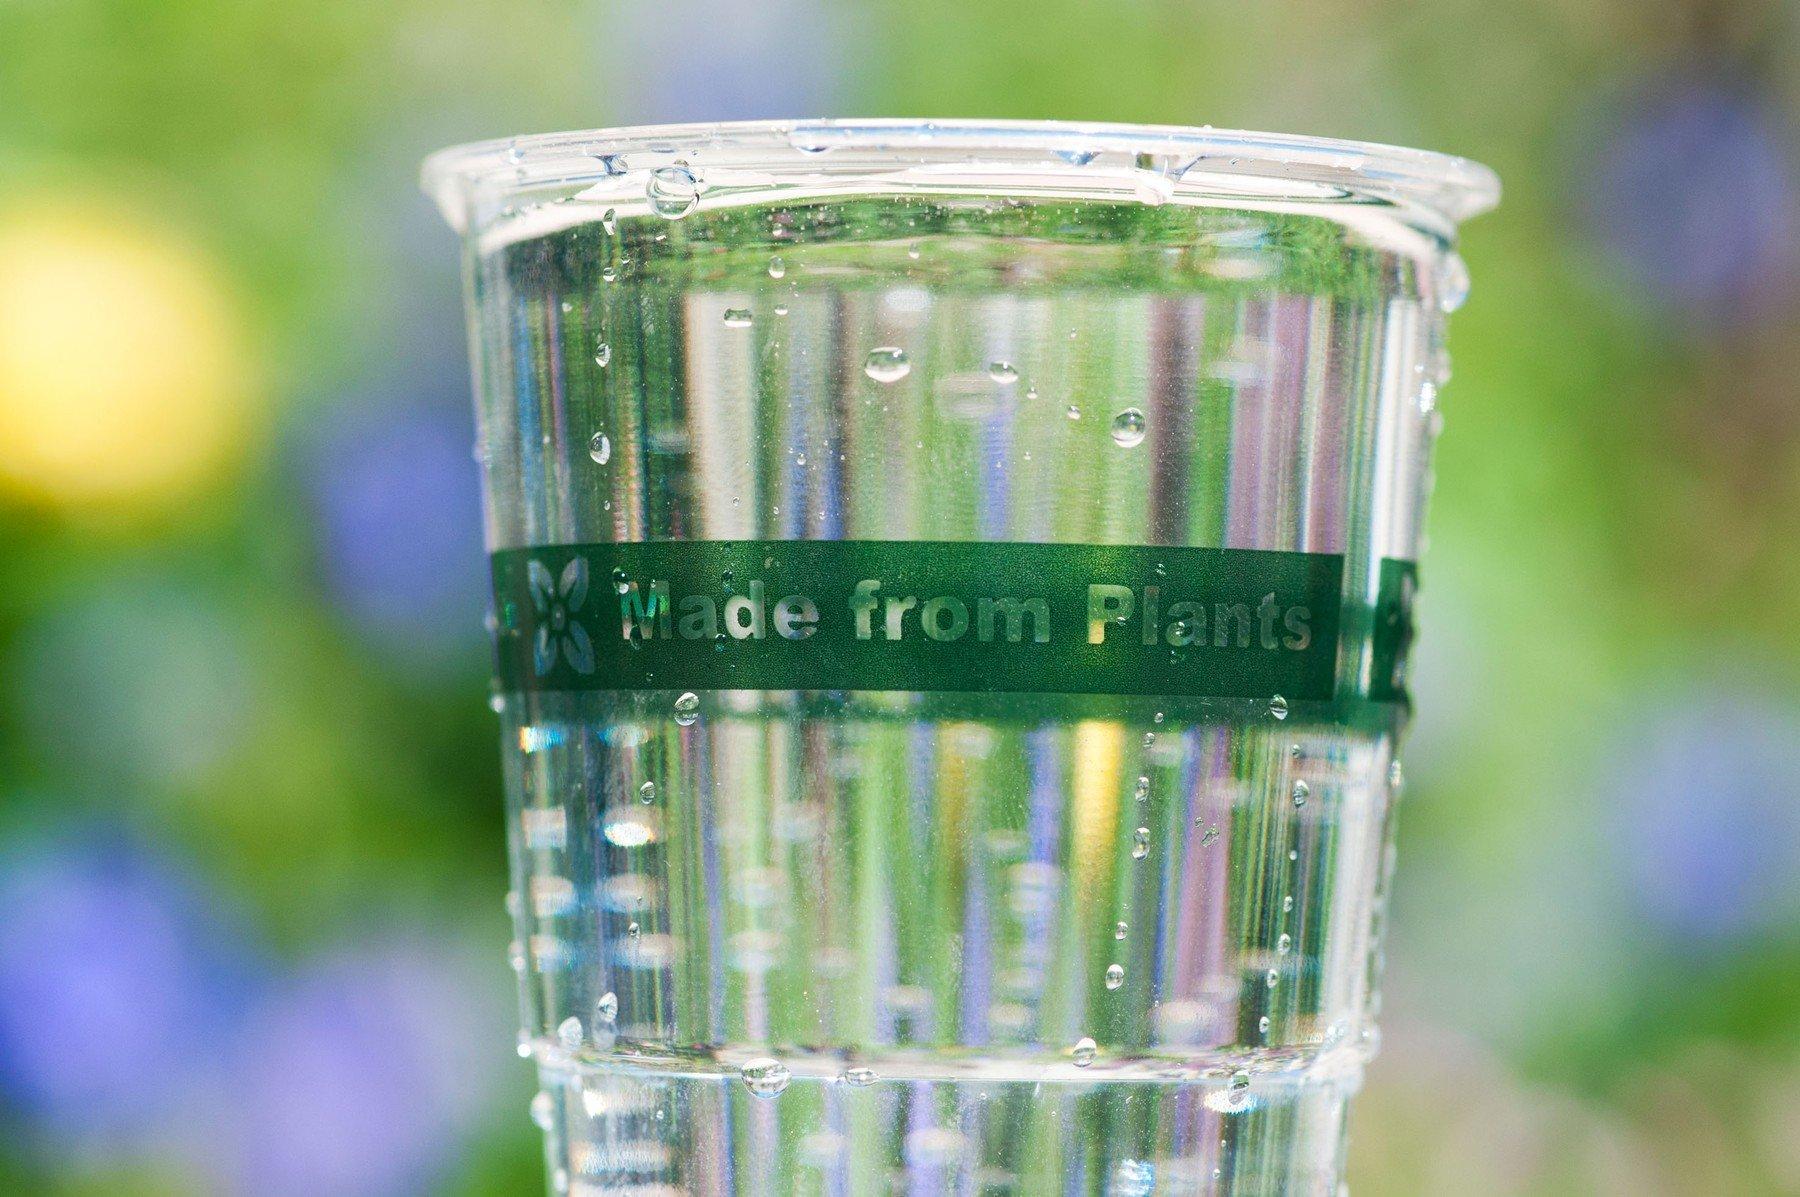 Igelitka z obilí? Němci začínají vyrábět bioplasty z otrub